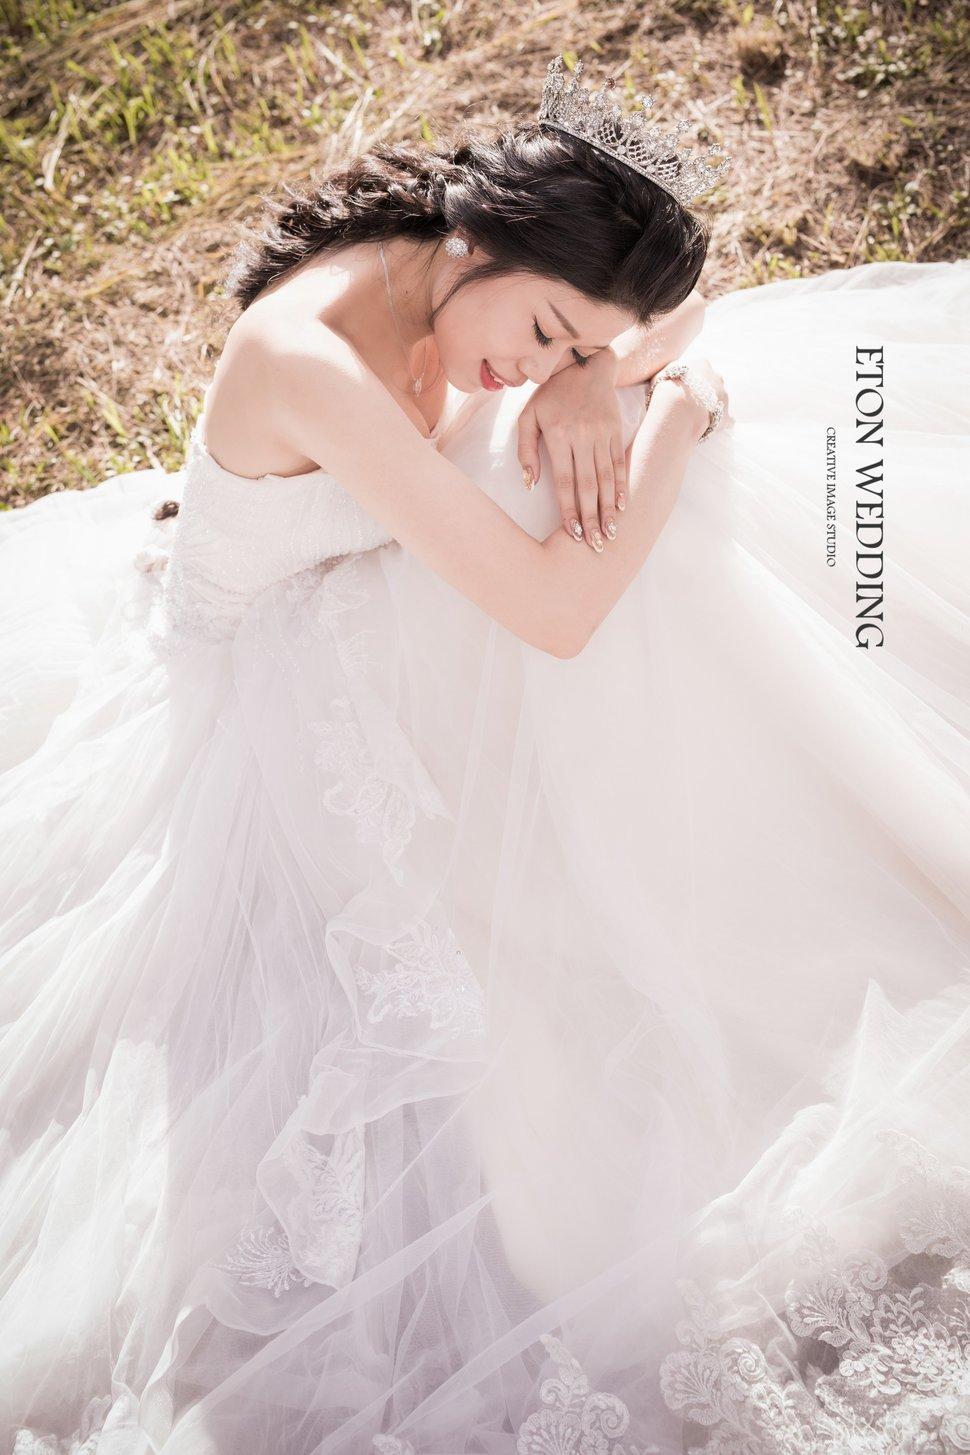 高雄婚紗,伊頓自助婚紗 (13) - 伊頓自助婚紗攝影工作室(高雄創始店)《結婚吧》